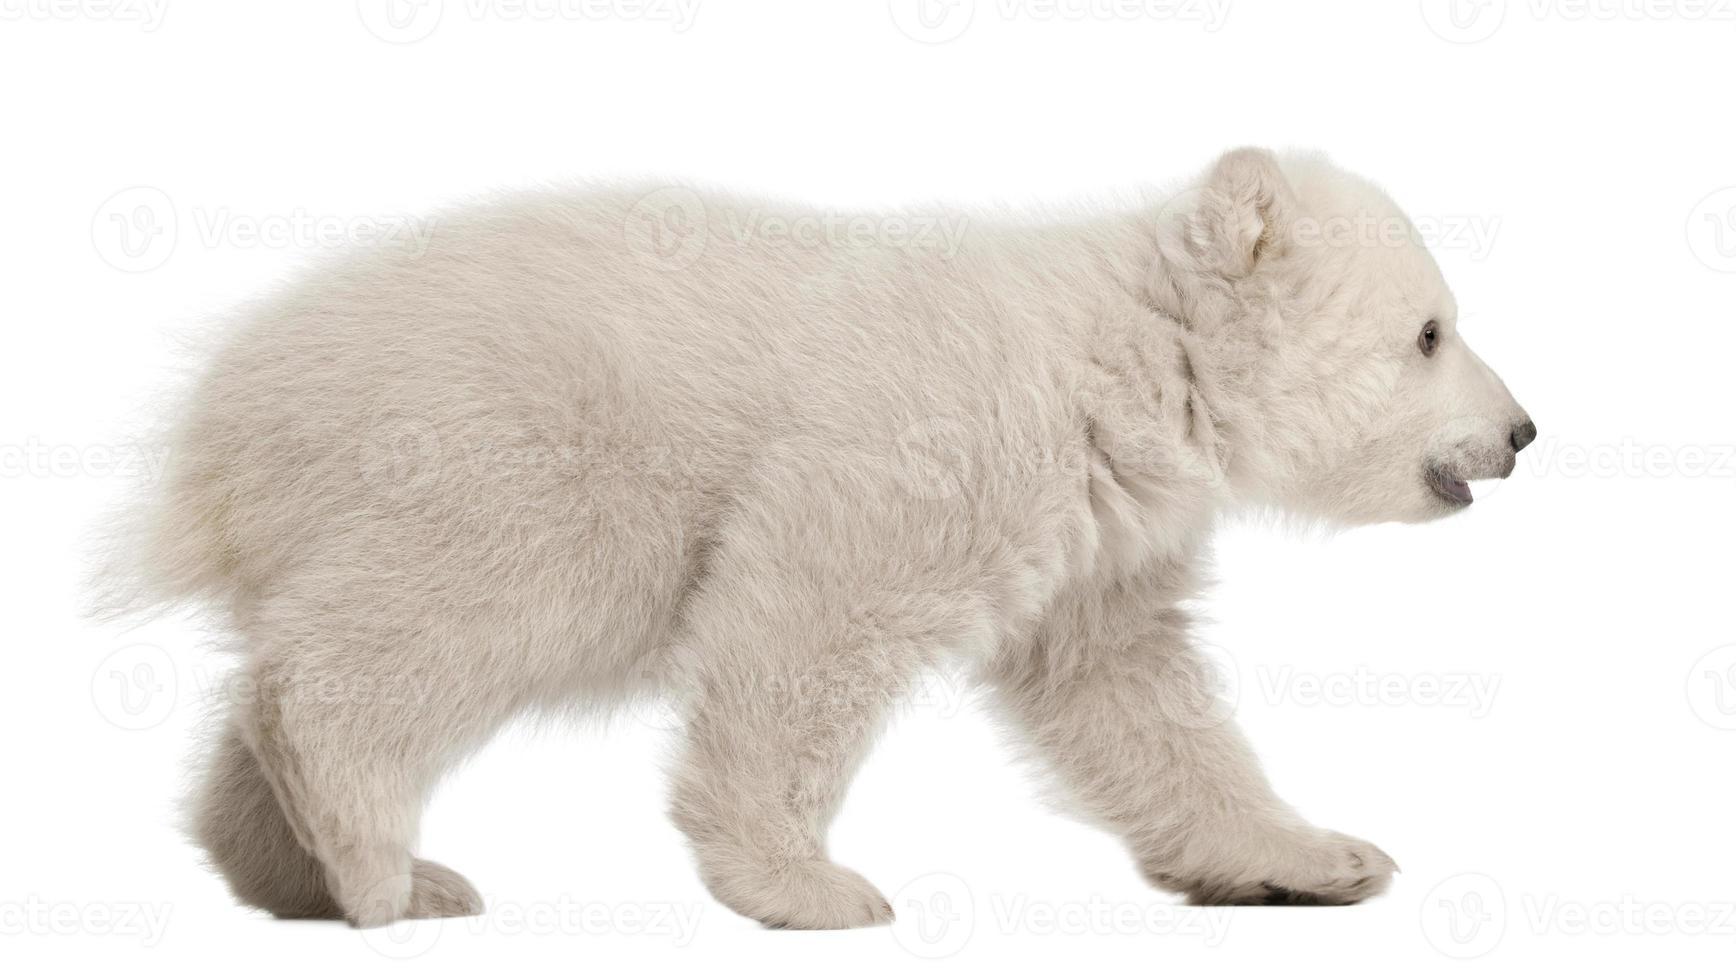 isbjörngröngöling, ursus maritimus, 3 månader gammal, promenader foto